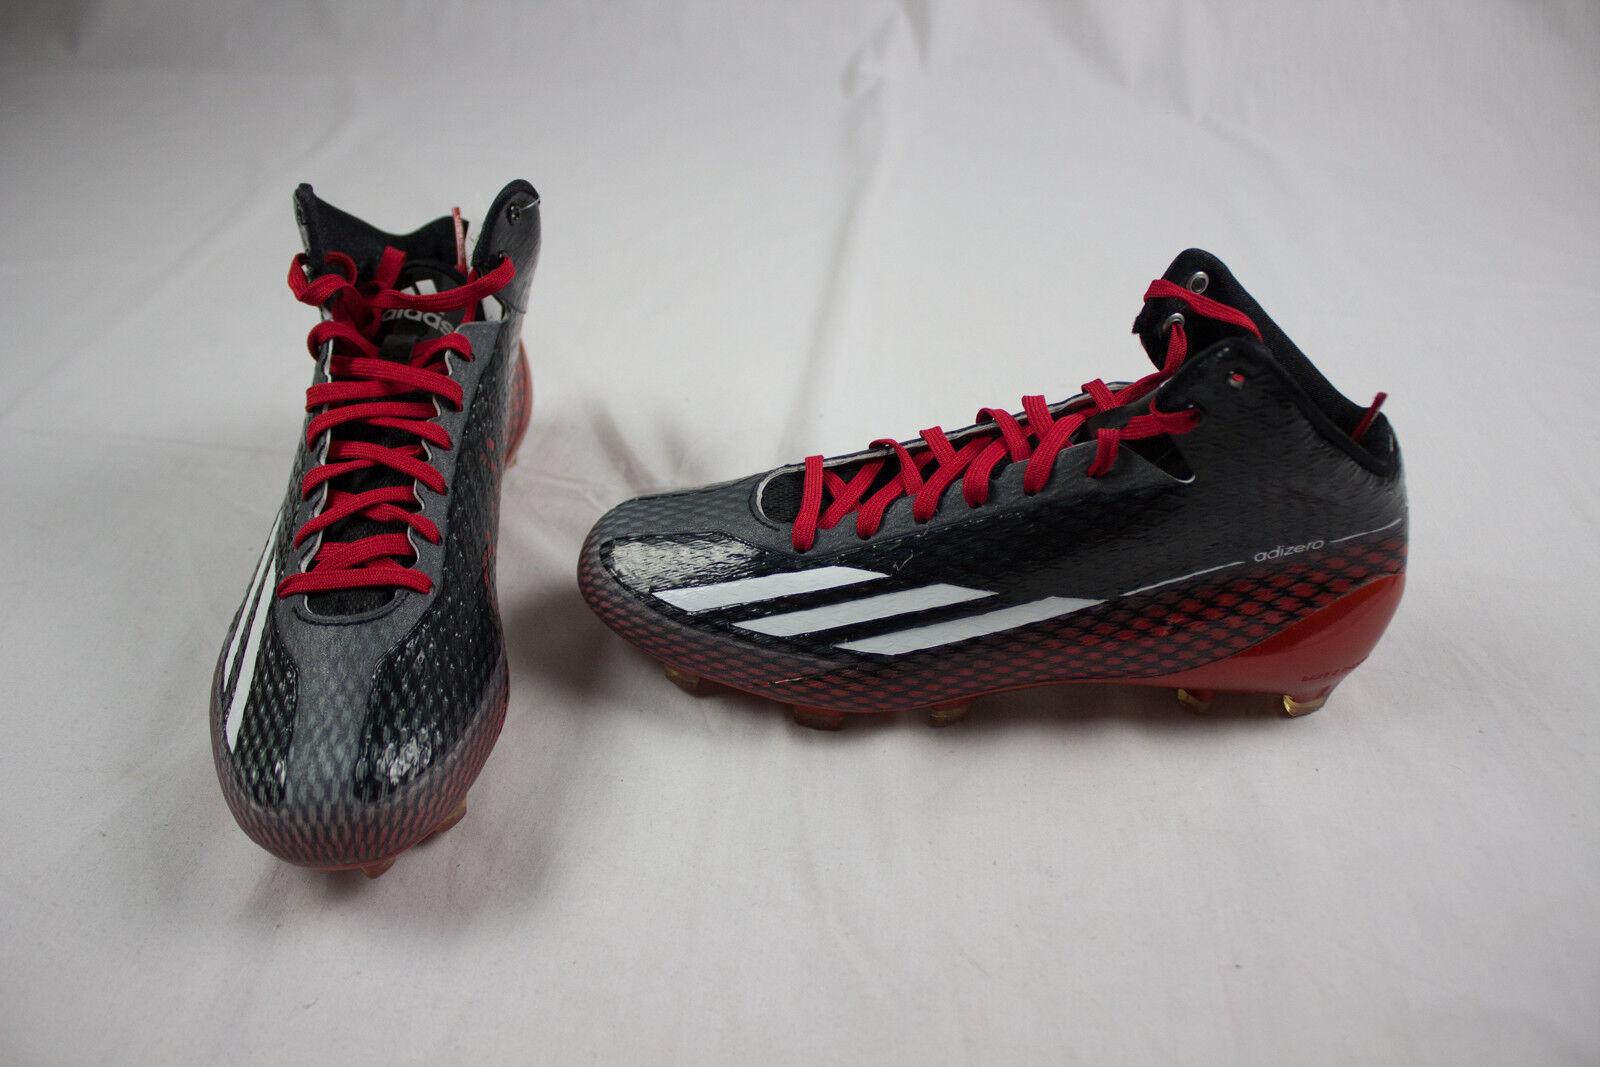 Νέο adidas adizero 5-αστέρων 3.0 Mid - μαύρο / κόκκινο λουριά (πολλαπλά μΡγέθη ανδρών)